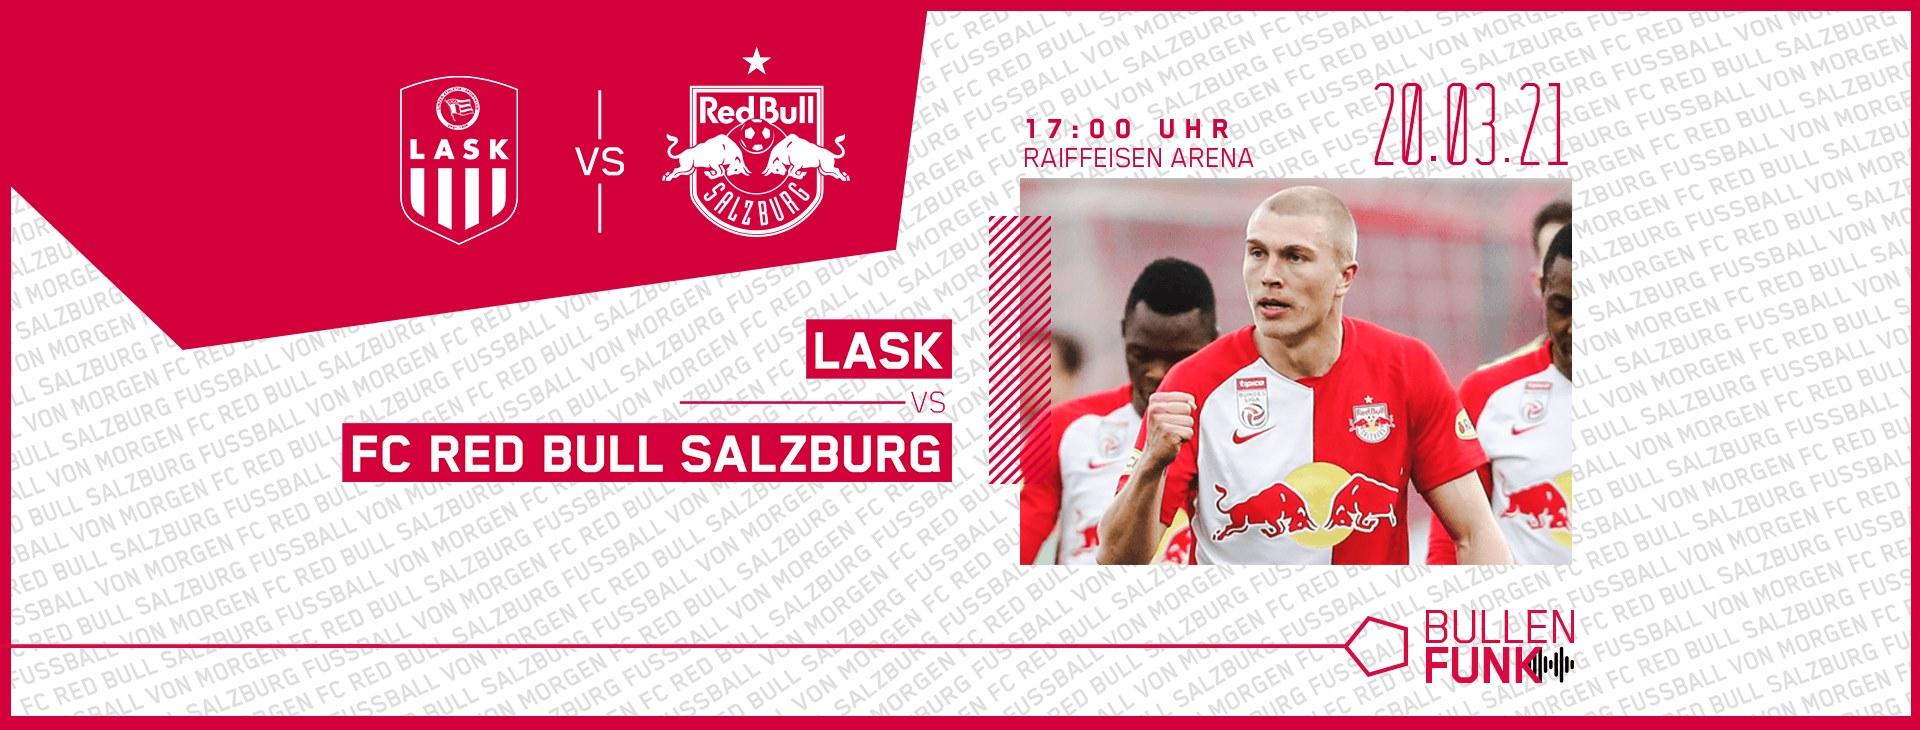 Lask Linz vs Red Bull Salzburg – analiza și pontul zilei 20 martie 2021